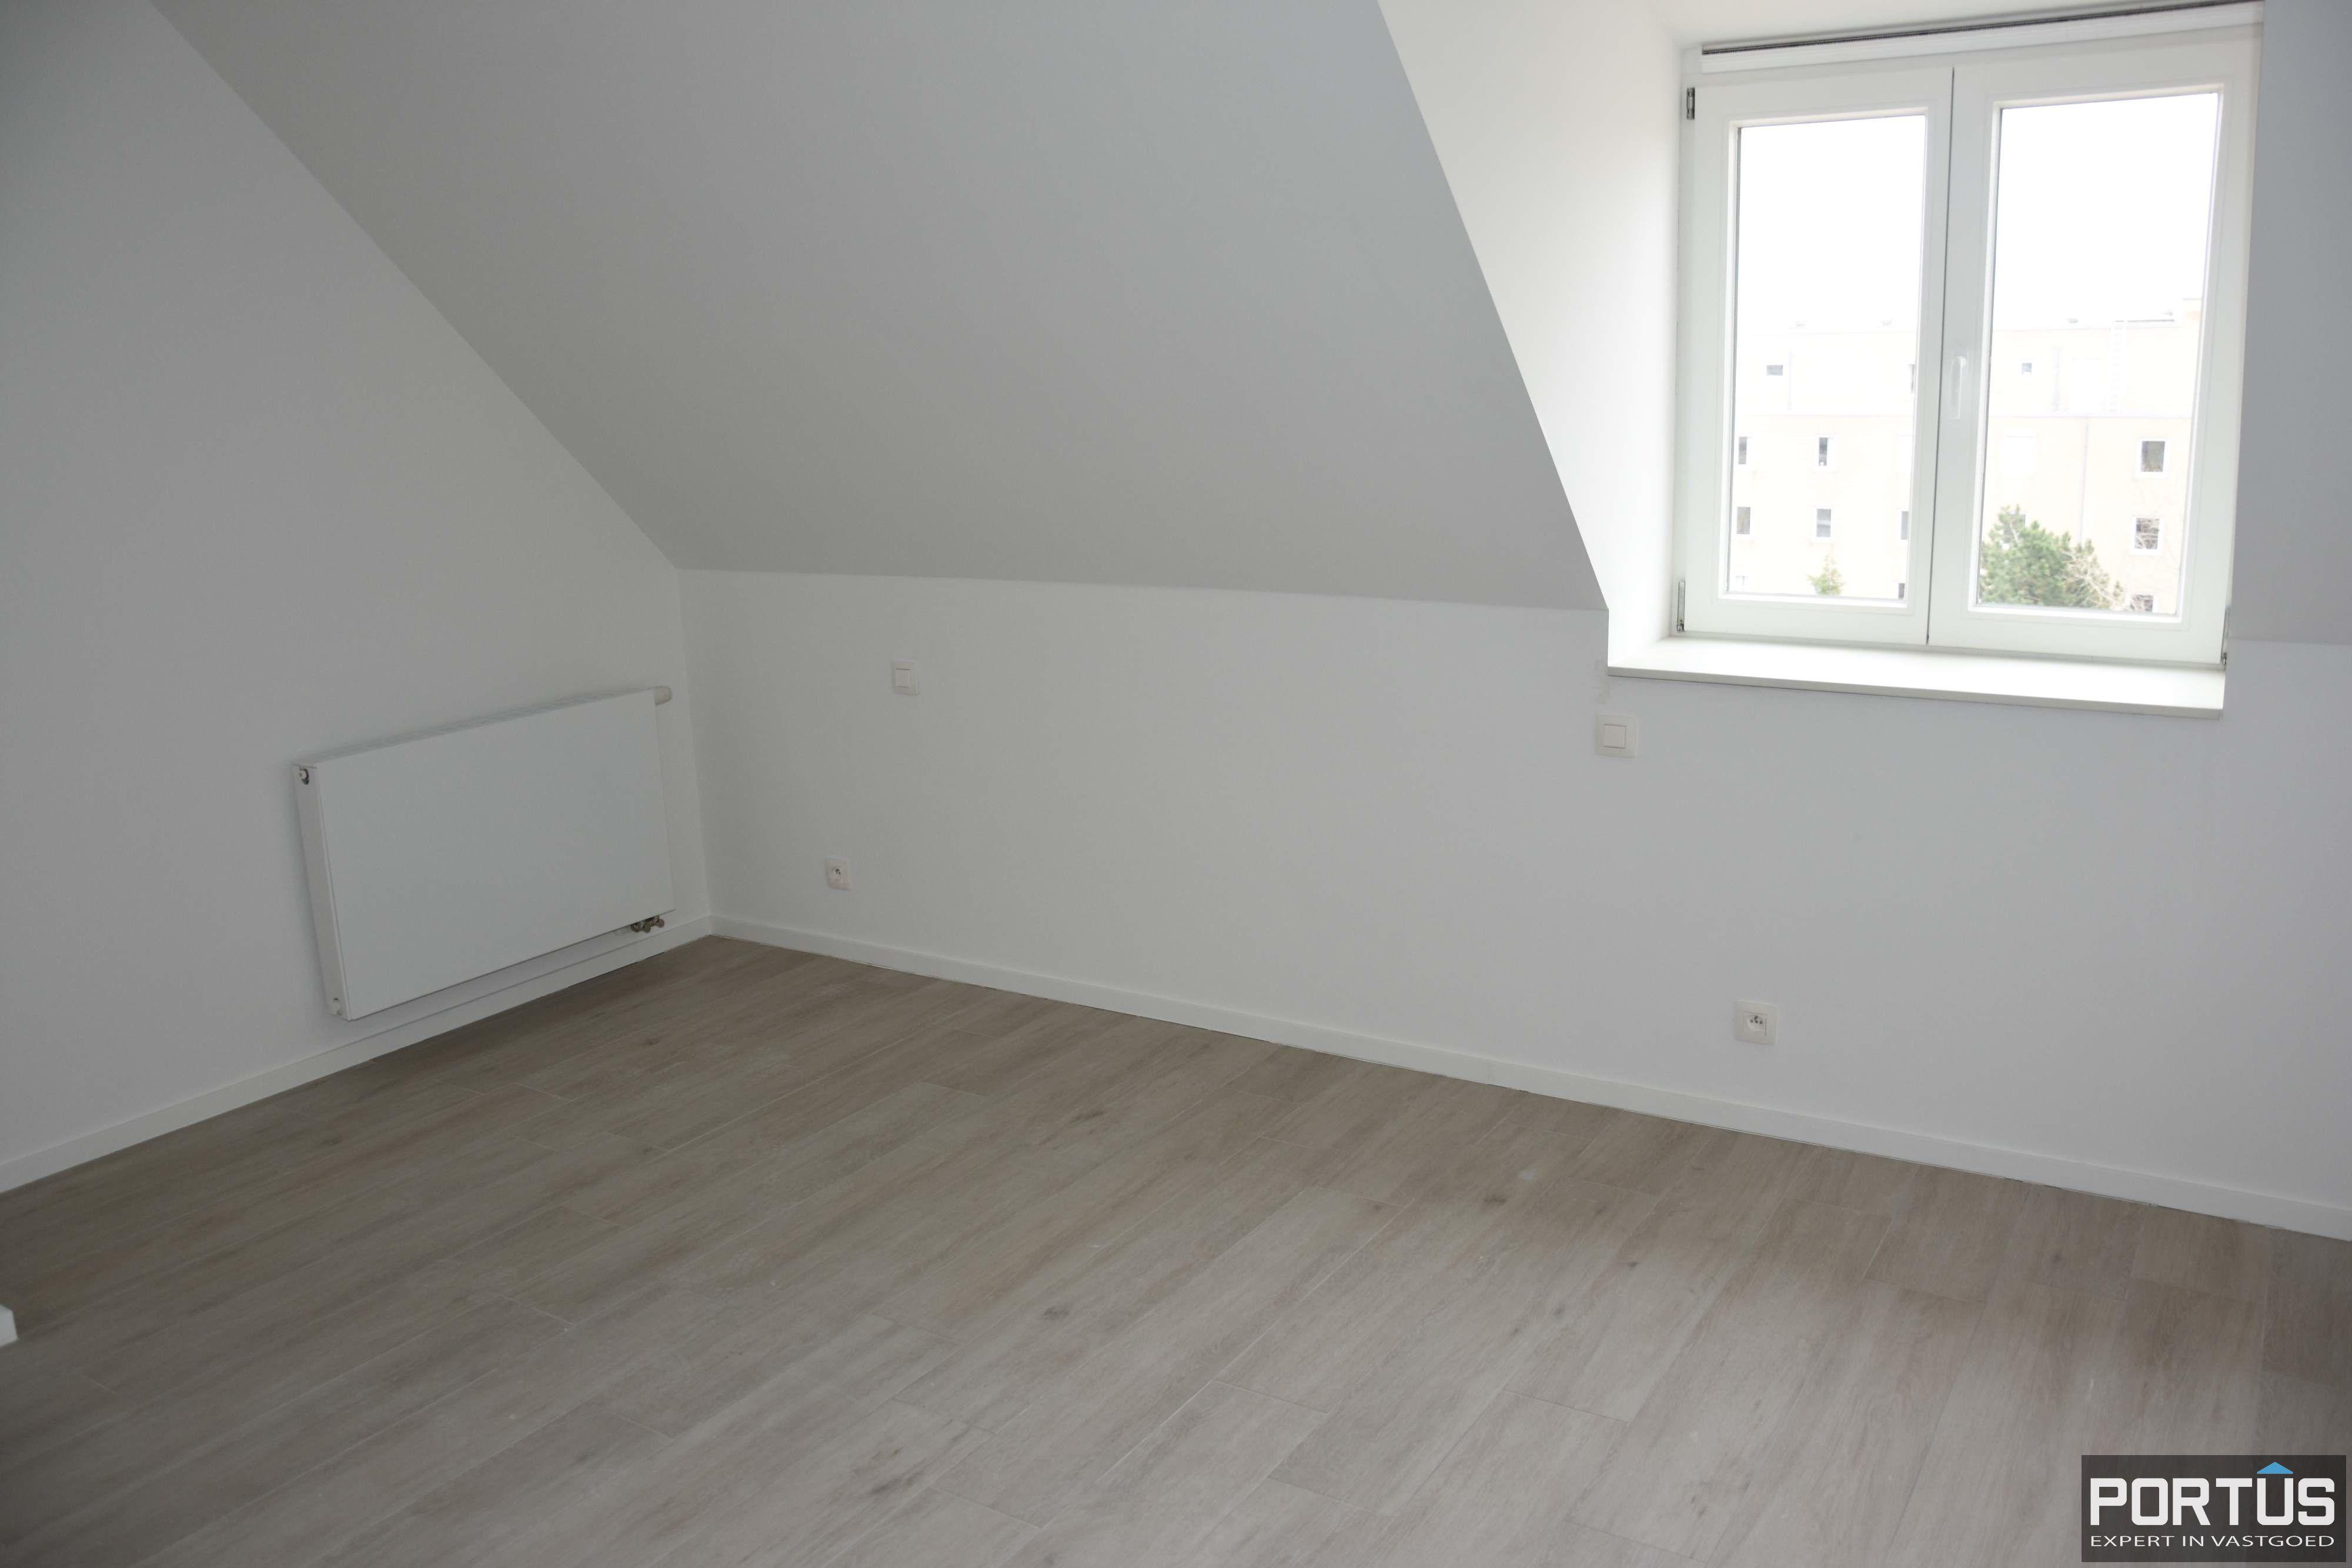 Duplex-appartement Nieuwpoort - 7149